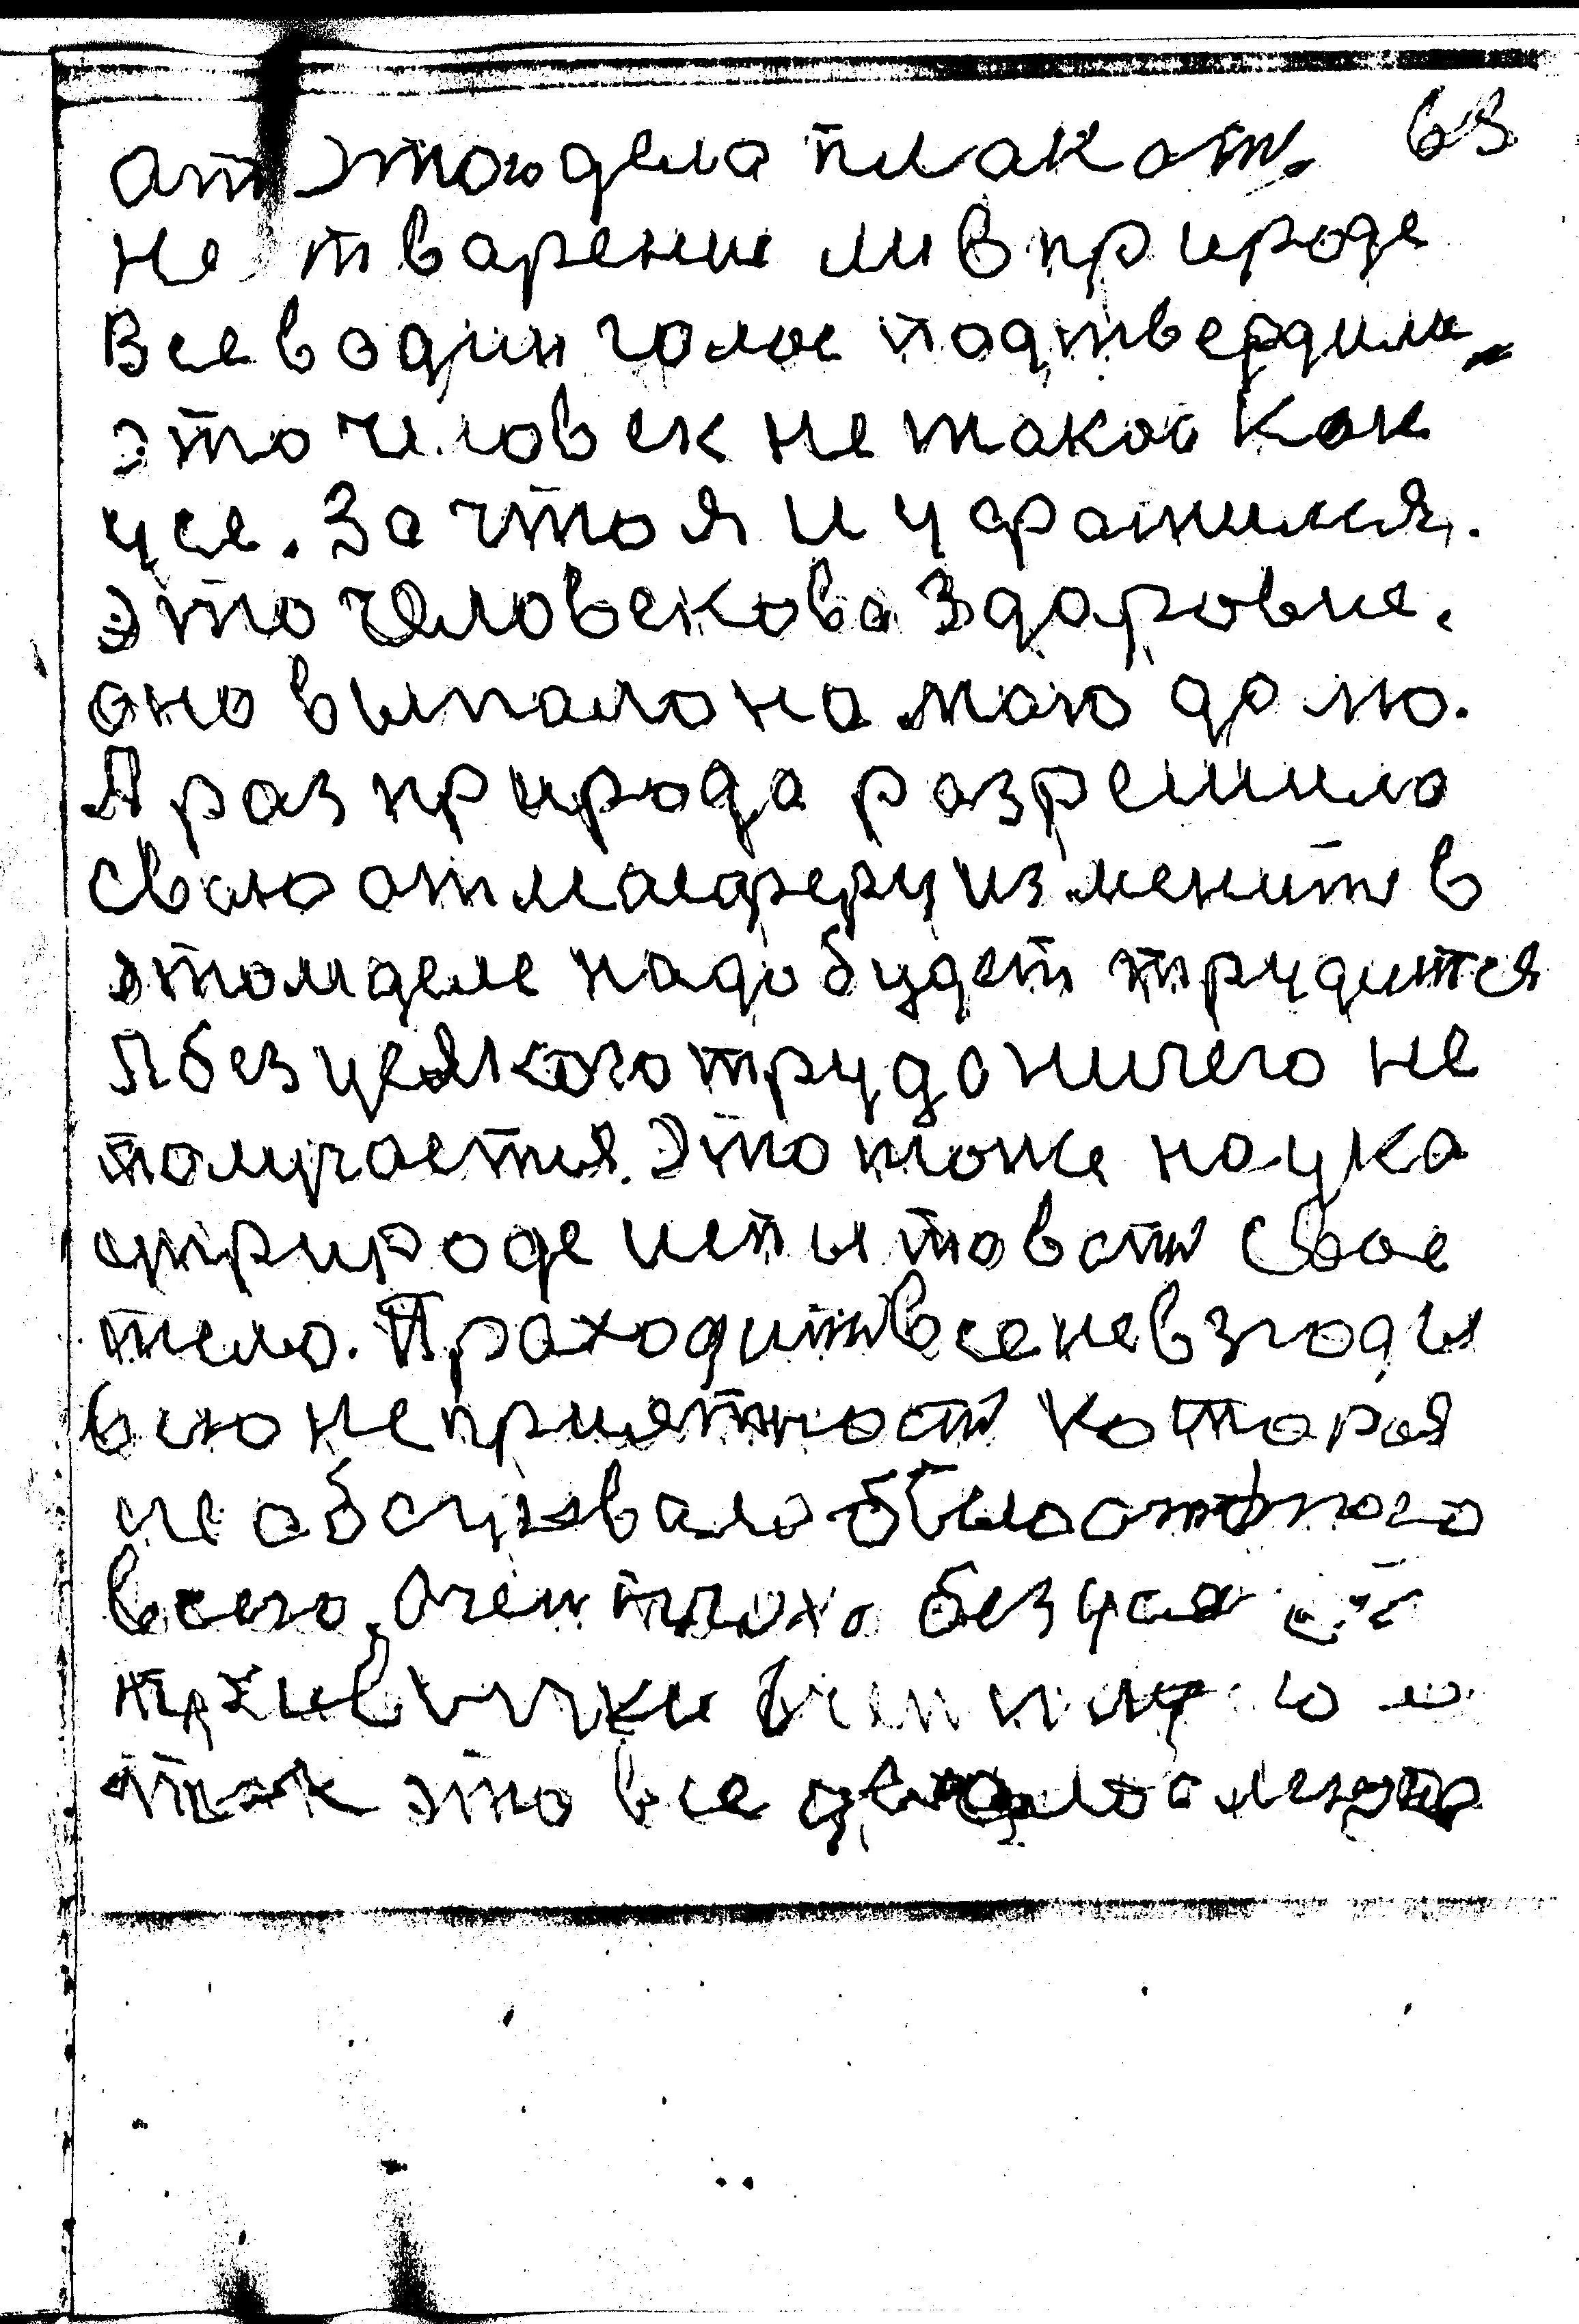 63-131.jpg